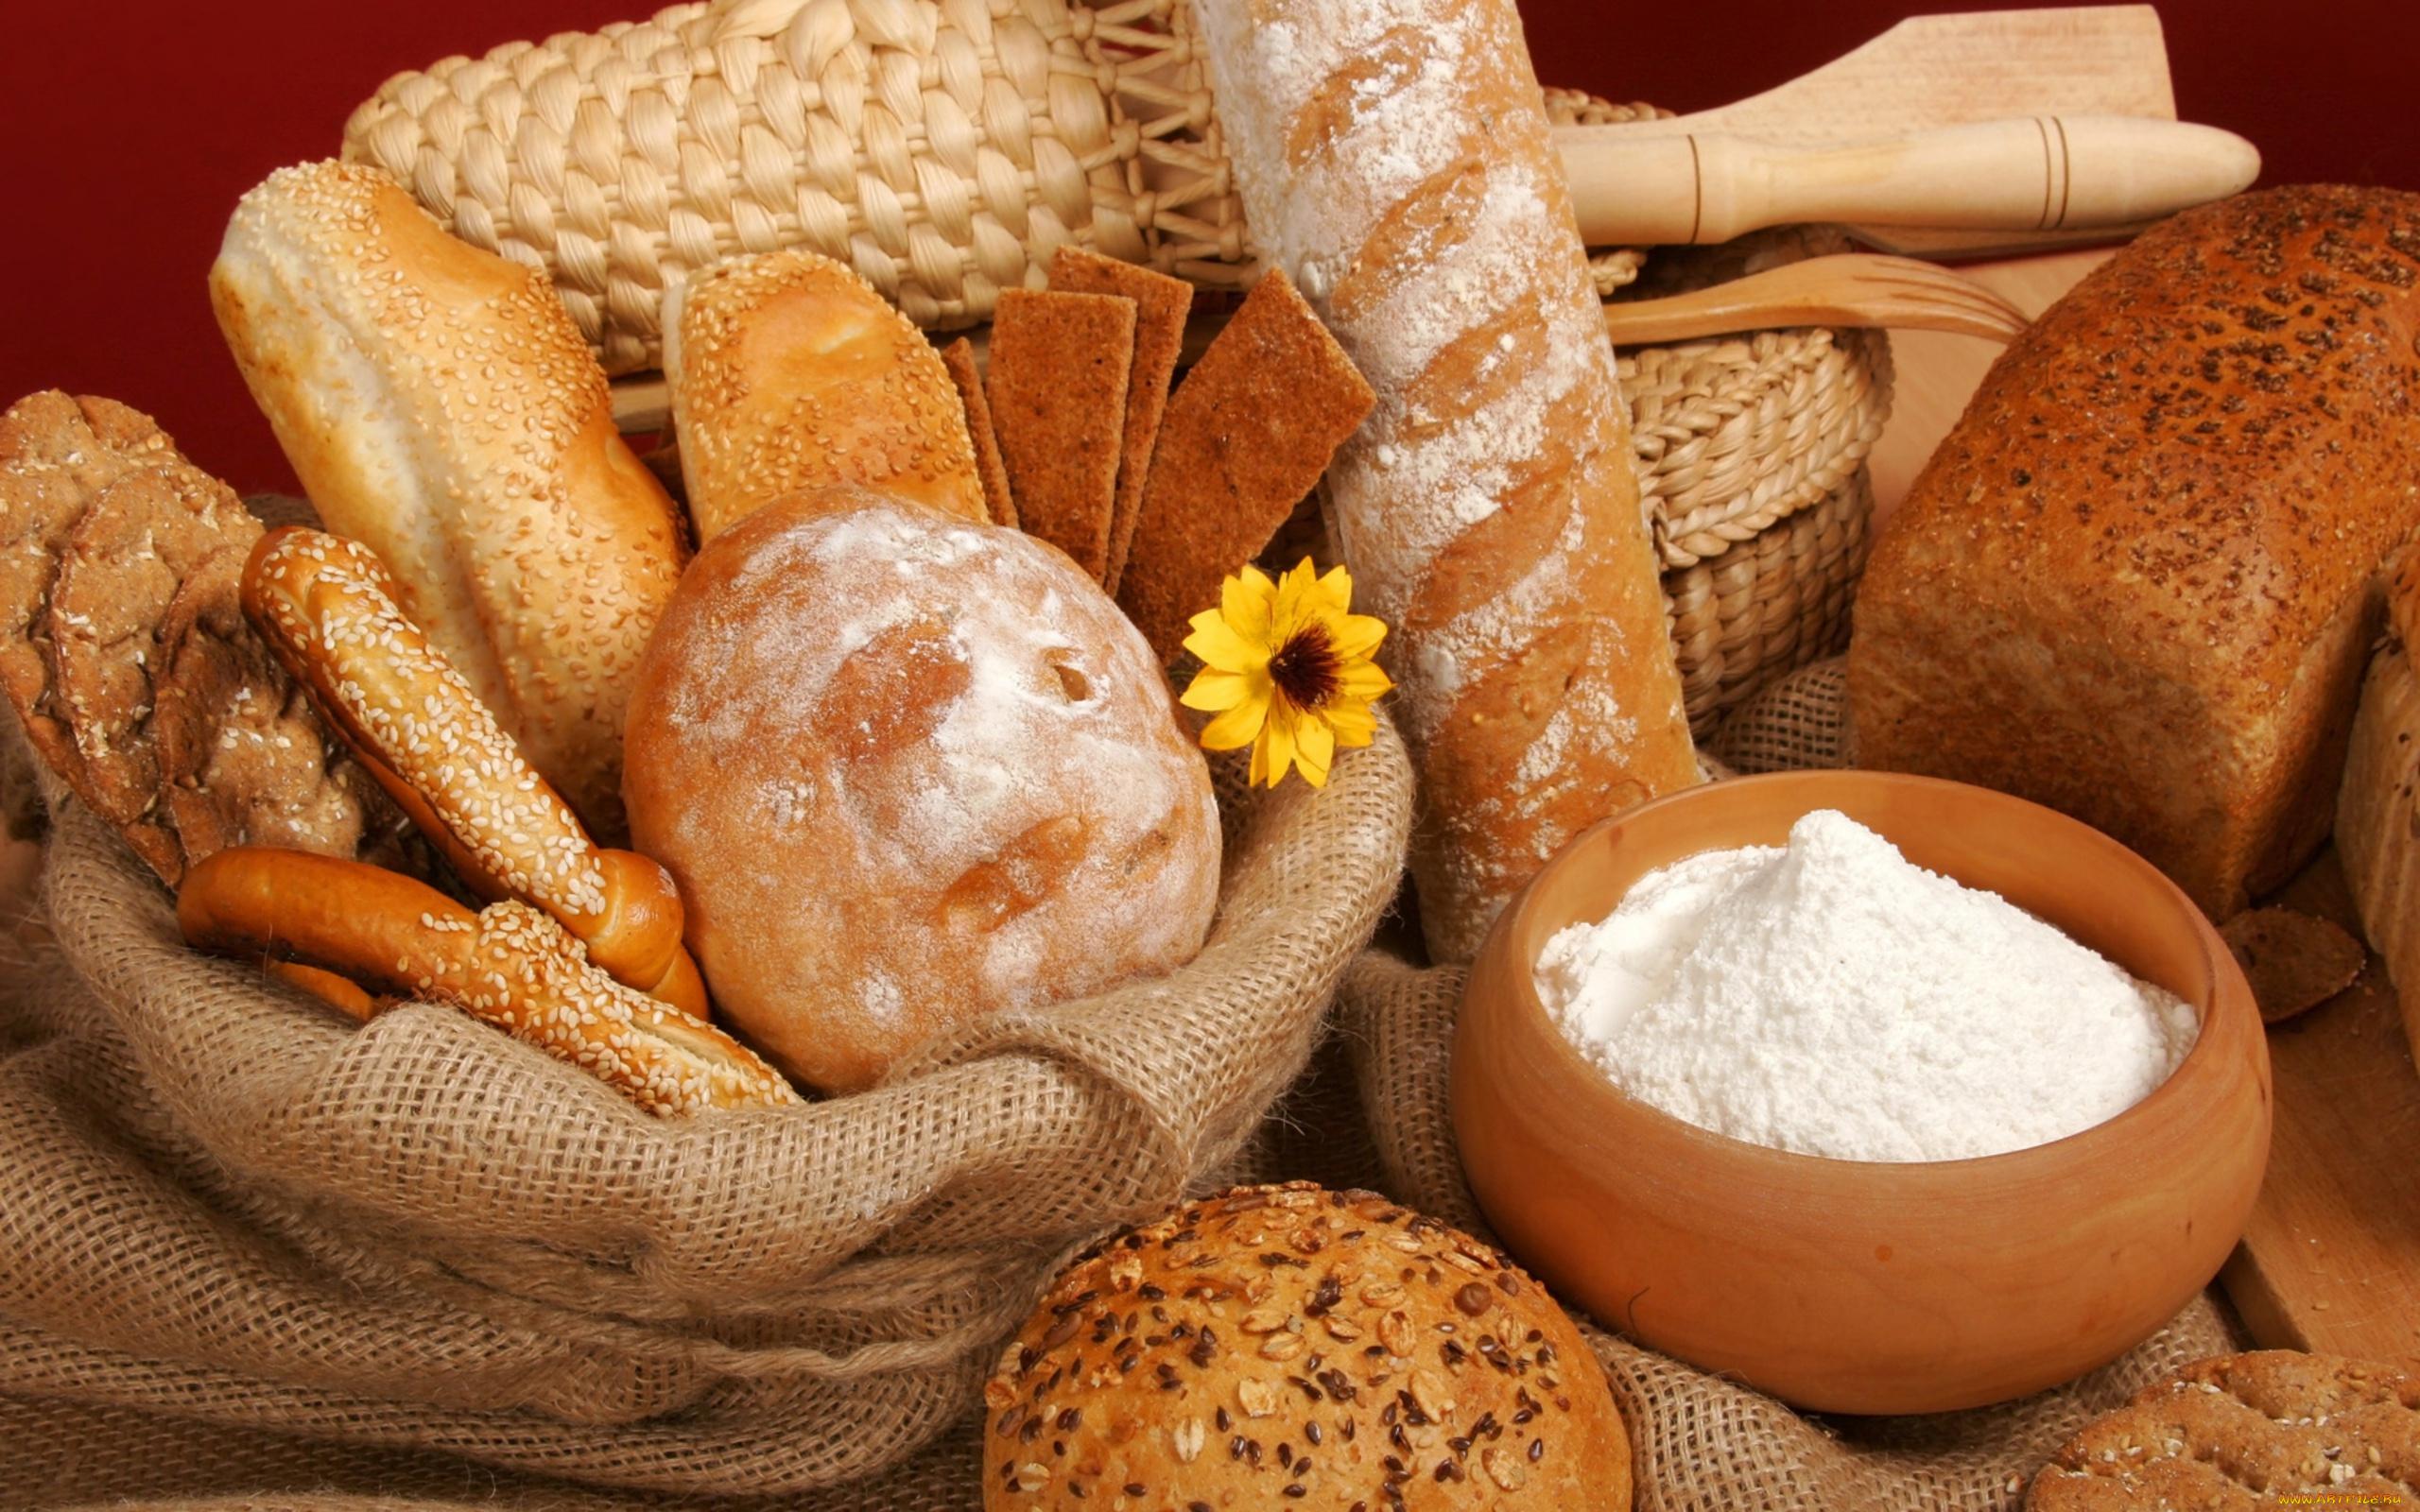 еда хлеб  № 2154431 загрузить